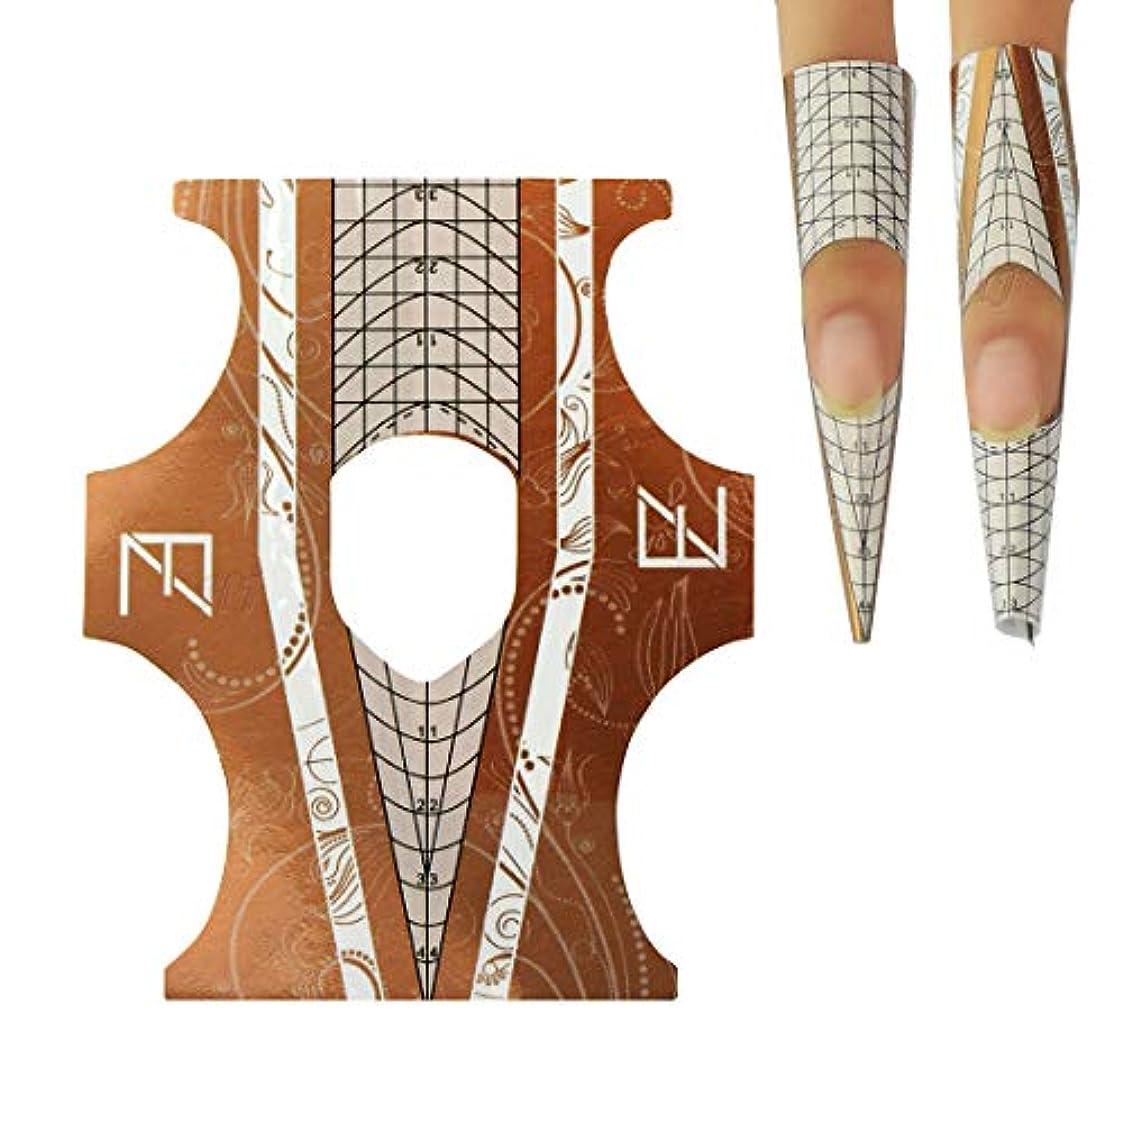 ピュー製造マントHoney Joy 100 個 プロフェッショナル デュアル ユース ネイル フォーム ロンバス & スティレット チップ UV ジェル アクリル ネイル エクステンション ネイル アート ツール 自己 接着剤 ゴールデン, HJ-NTF035